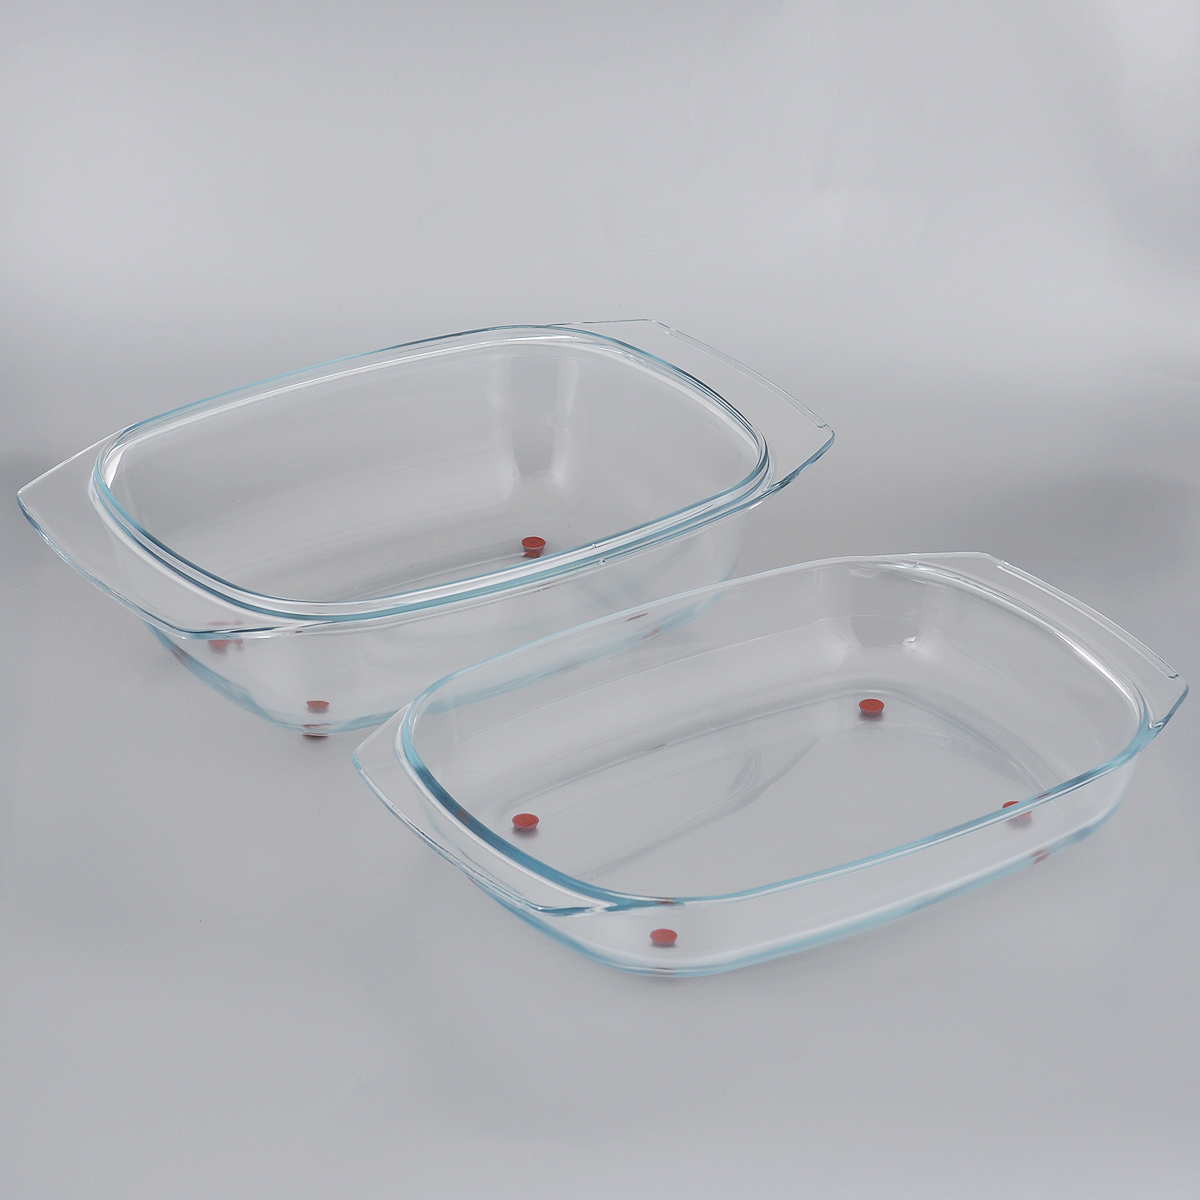 Жаровня Tescoma Delicia Glass с крышкой, 42 см х 26 см115510Массивная жаровня Tescoma Delicia Glass, состоящая из двух частей,изготовлена из жаростойкого боросиликатного стекла. Основание и крышка жаровни оснащены ножками из высококачественного силикона, поэтому их можно ставить прямо из духовки на стол без риска повреждения поверхности. Жаровня снабжена удобными ручками. Обе части изделия можно использовать как две отдельные жаровни, низкую и глубокую.Подходит для всех типов печей, холодильников и посудомоечных машин.